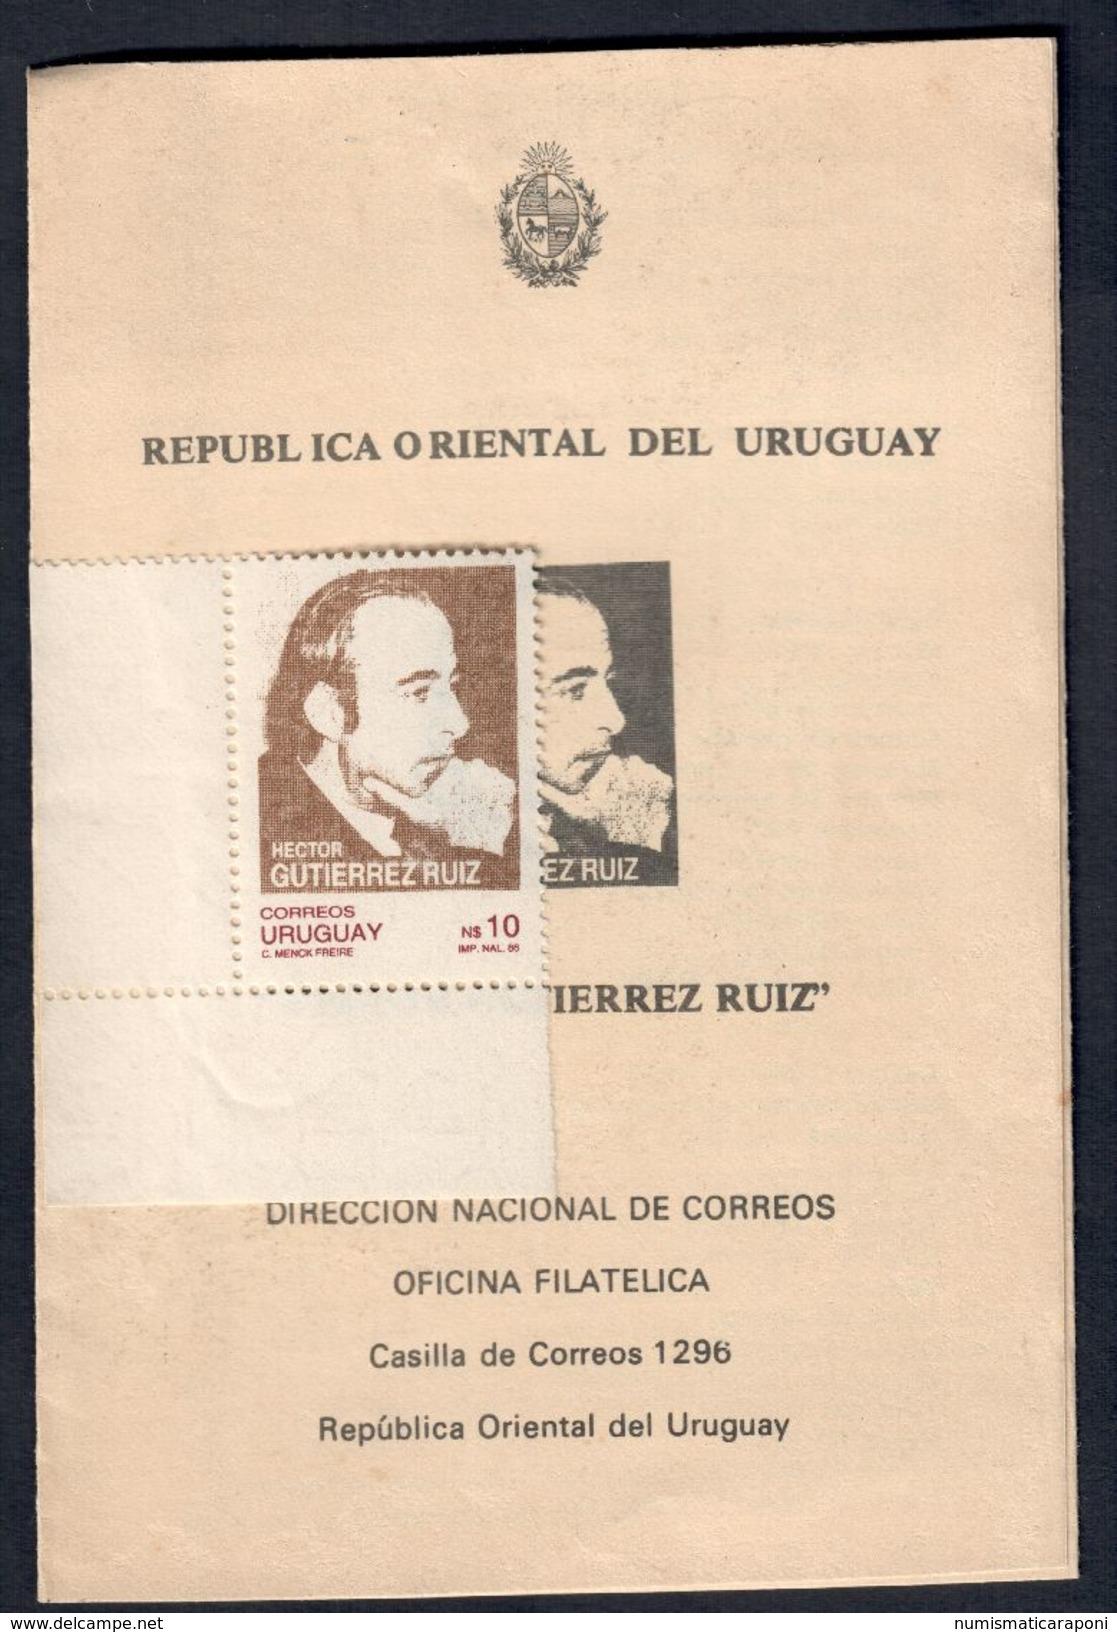 Uruguay Hector Gutierrez Ruiz Libretto Con Francobollo 1986 C.035 - Uruguay